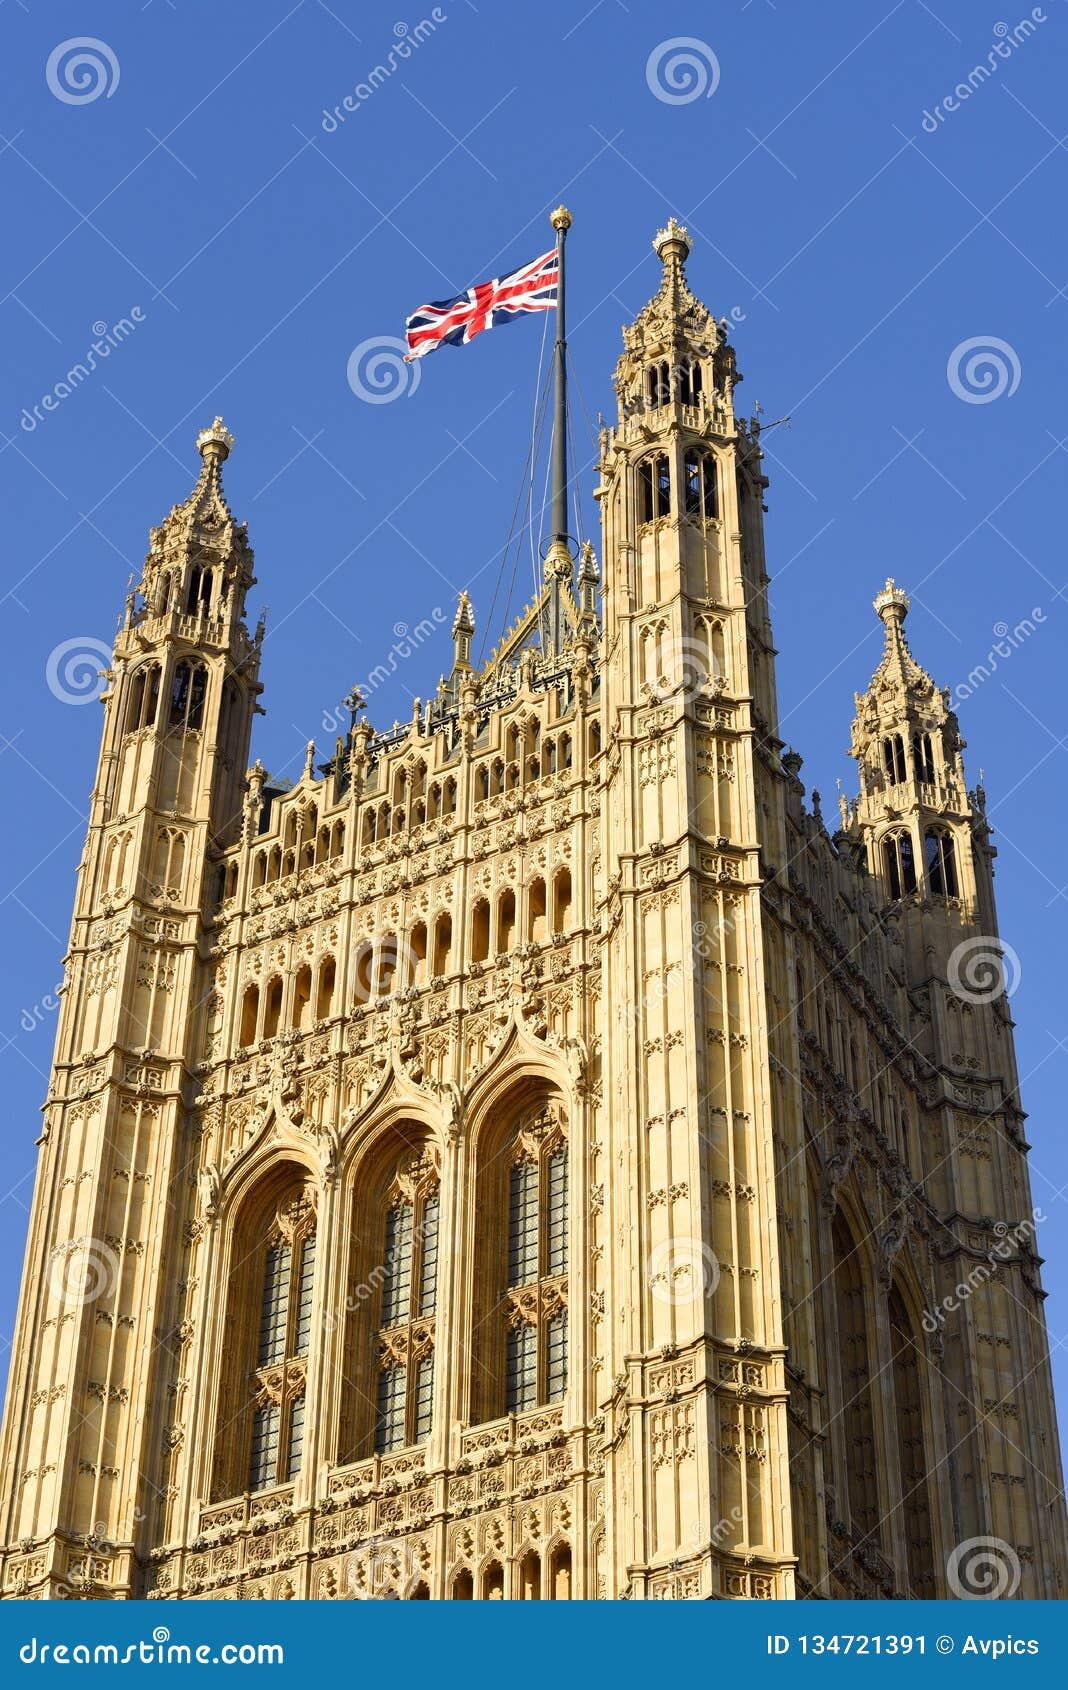 Victoria Tower, quadratischer Turm am Südwestende des Palastes von Westminster in London